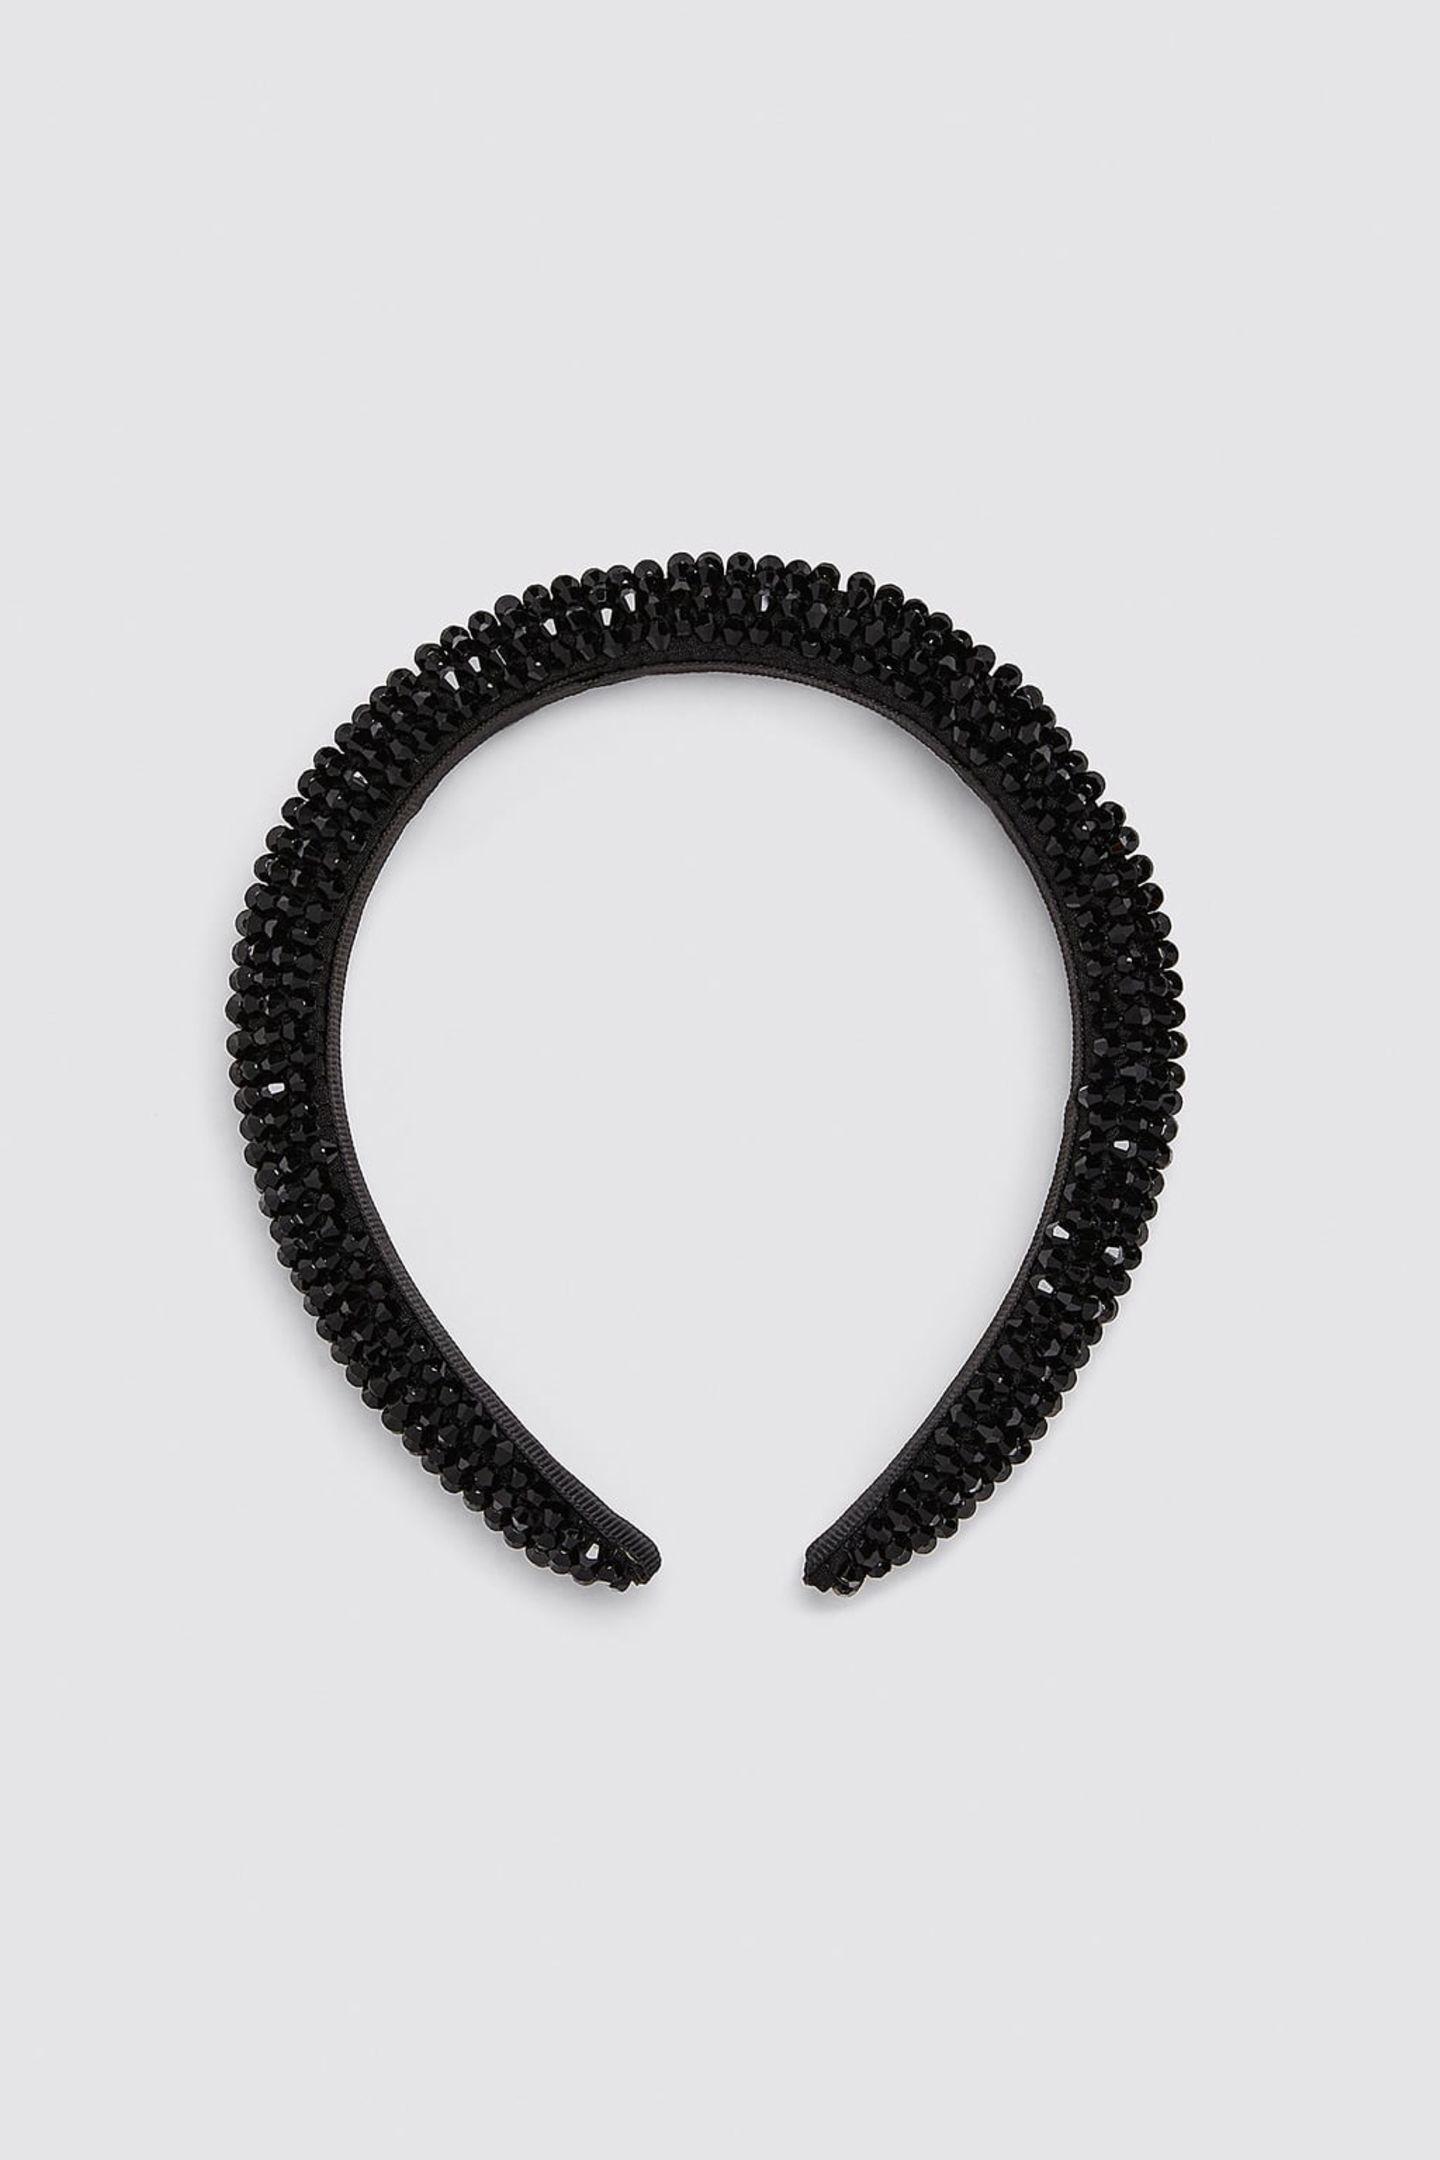 Haarreif mit schwarzen Perlen